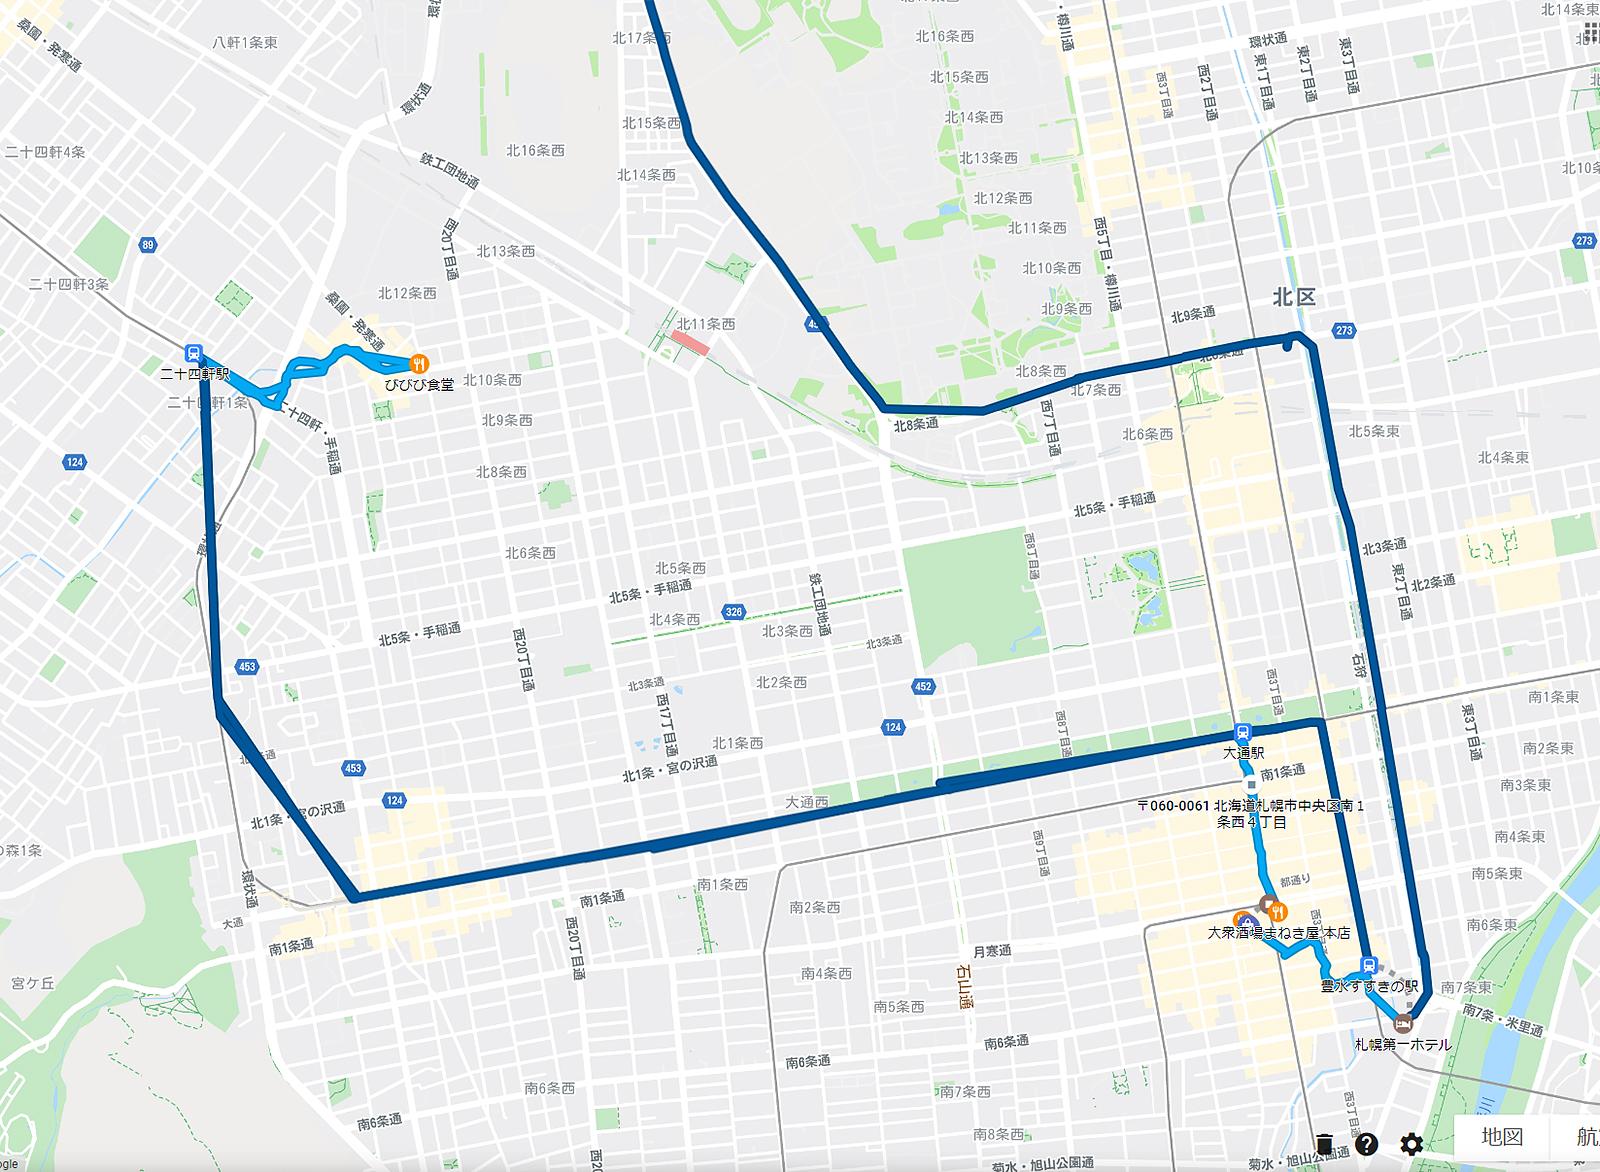 2020年3月23日のタイムライン びびび食堂、まねき屋などを地下鉄と徒歩で回る